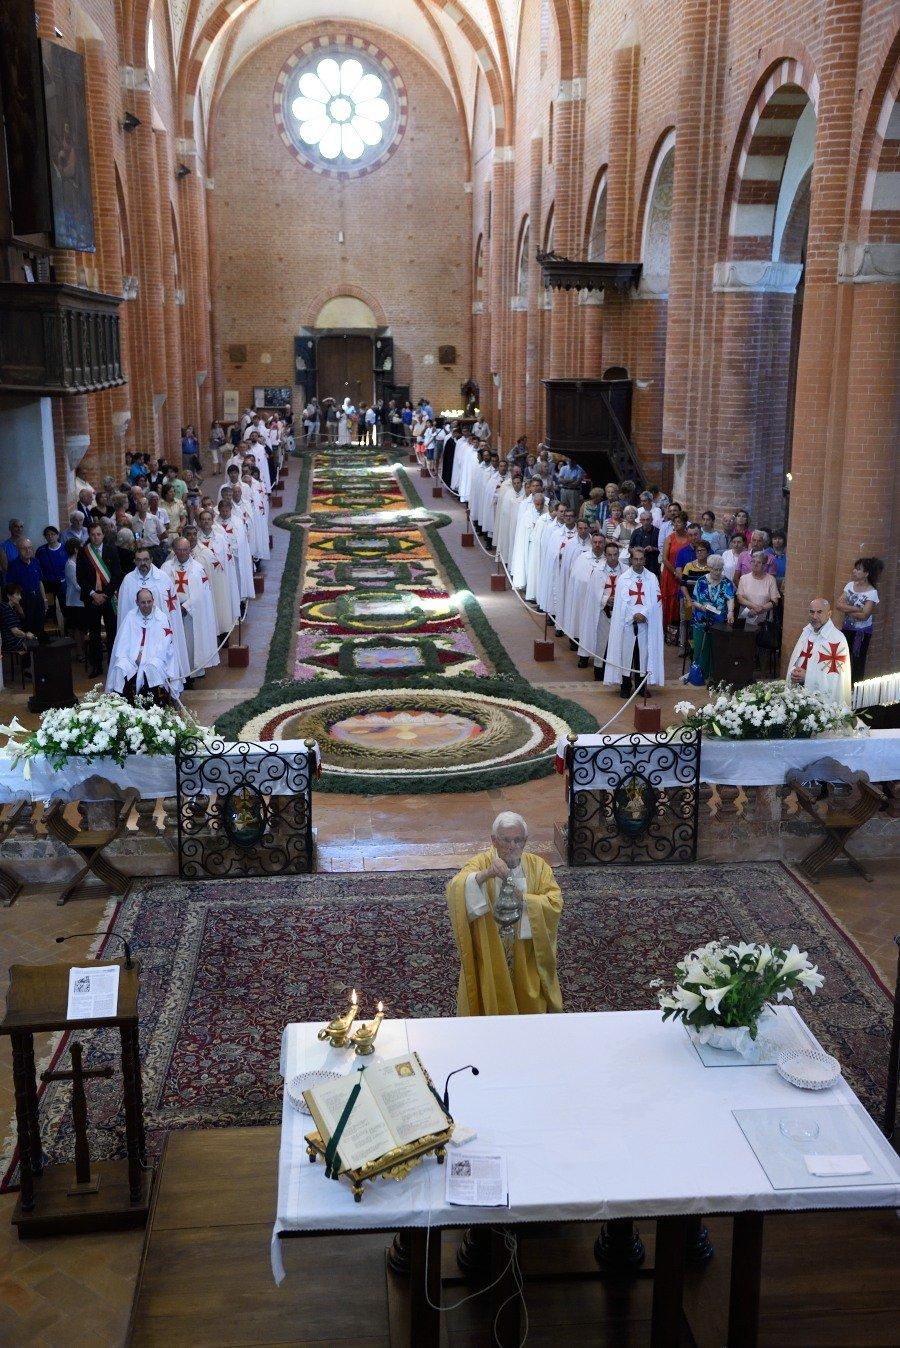 I Templari Cattolici d'Italia partecipano alla veglia notturna di preghiera per il Santissimo Corpo e Sangue di Cristo presso l'abbazia cistercense di Chiaravalle della Colomba, con Santa Messa mattutina alla presenza della suggestiva